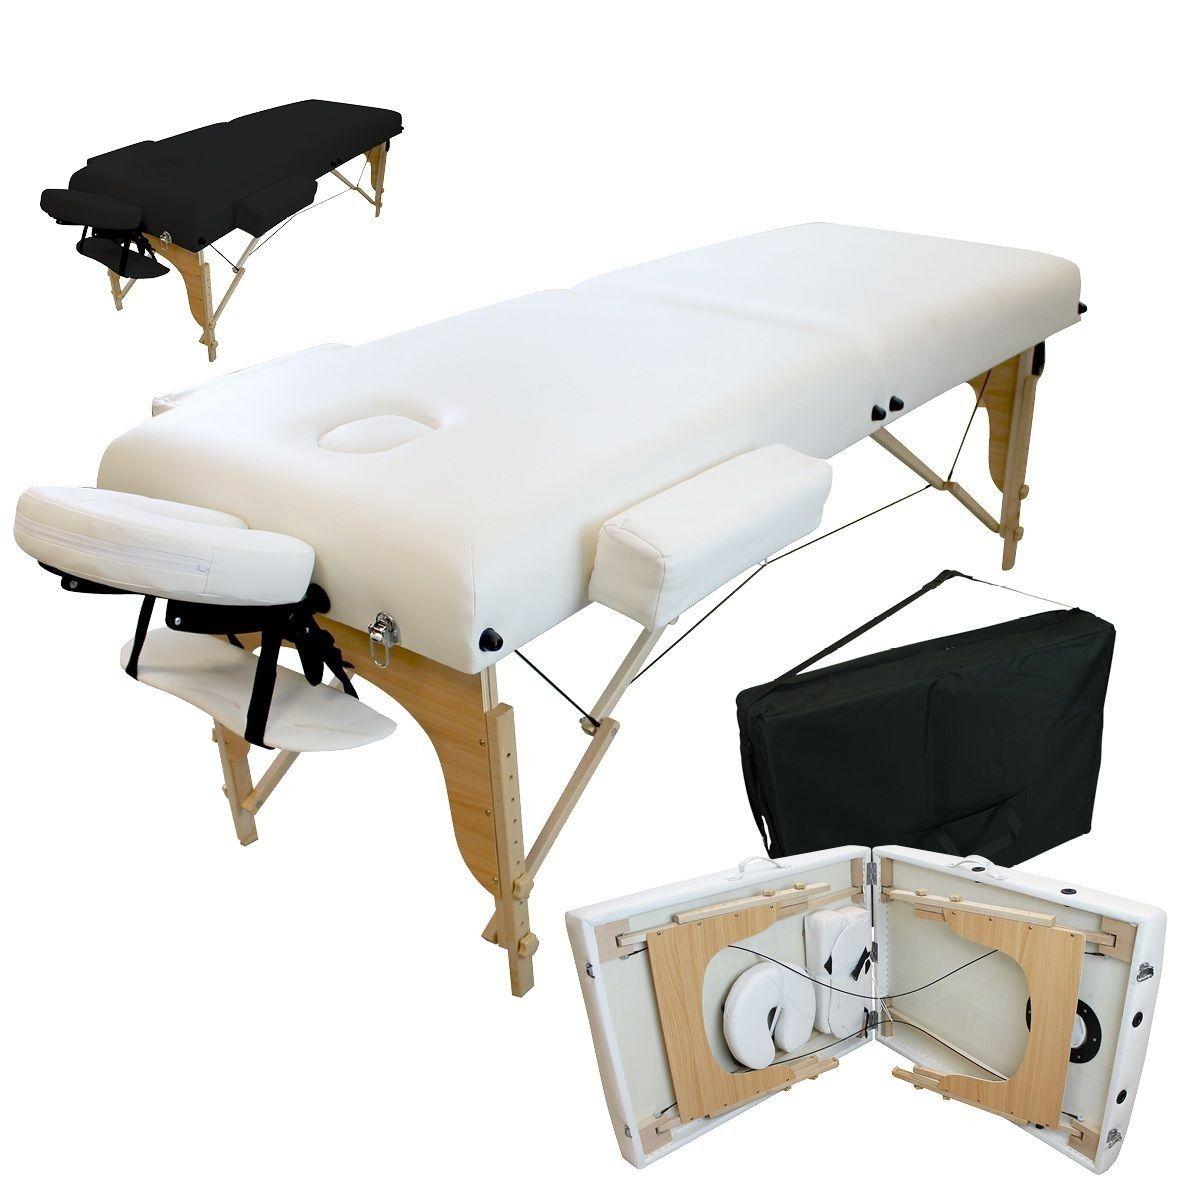 Bois Panneau 2 Cm Massage Table De En Zones 13 Avec Pliante PkuiXOZT